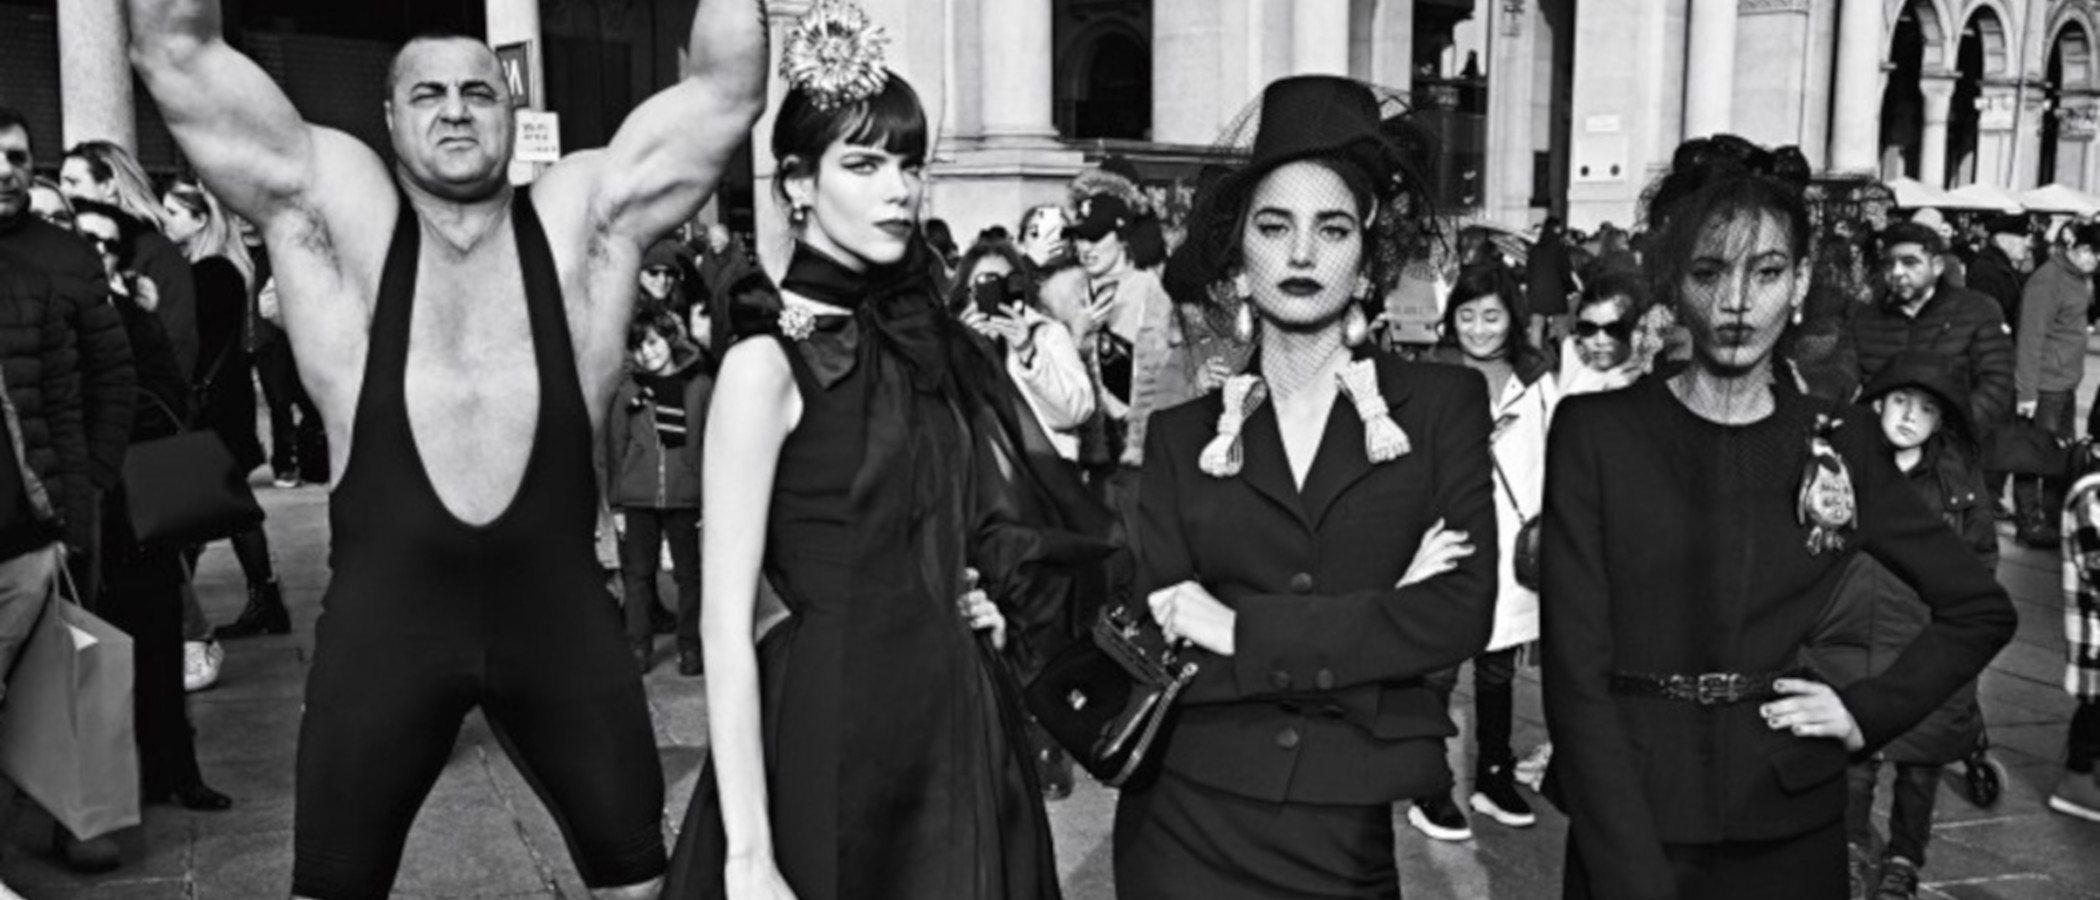 Dolce&Gabbana crea un auténtico circo para presentar su nueva colección otoño/invierno 2019/2020